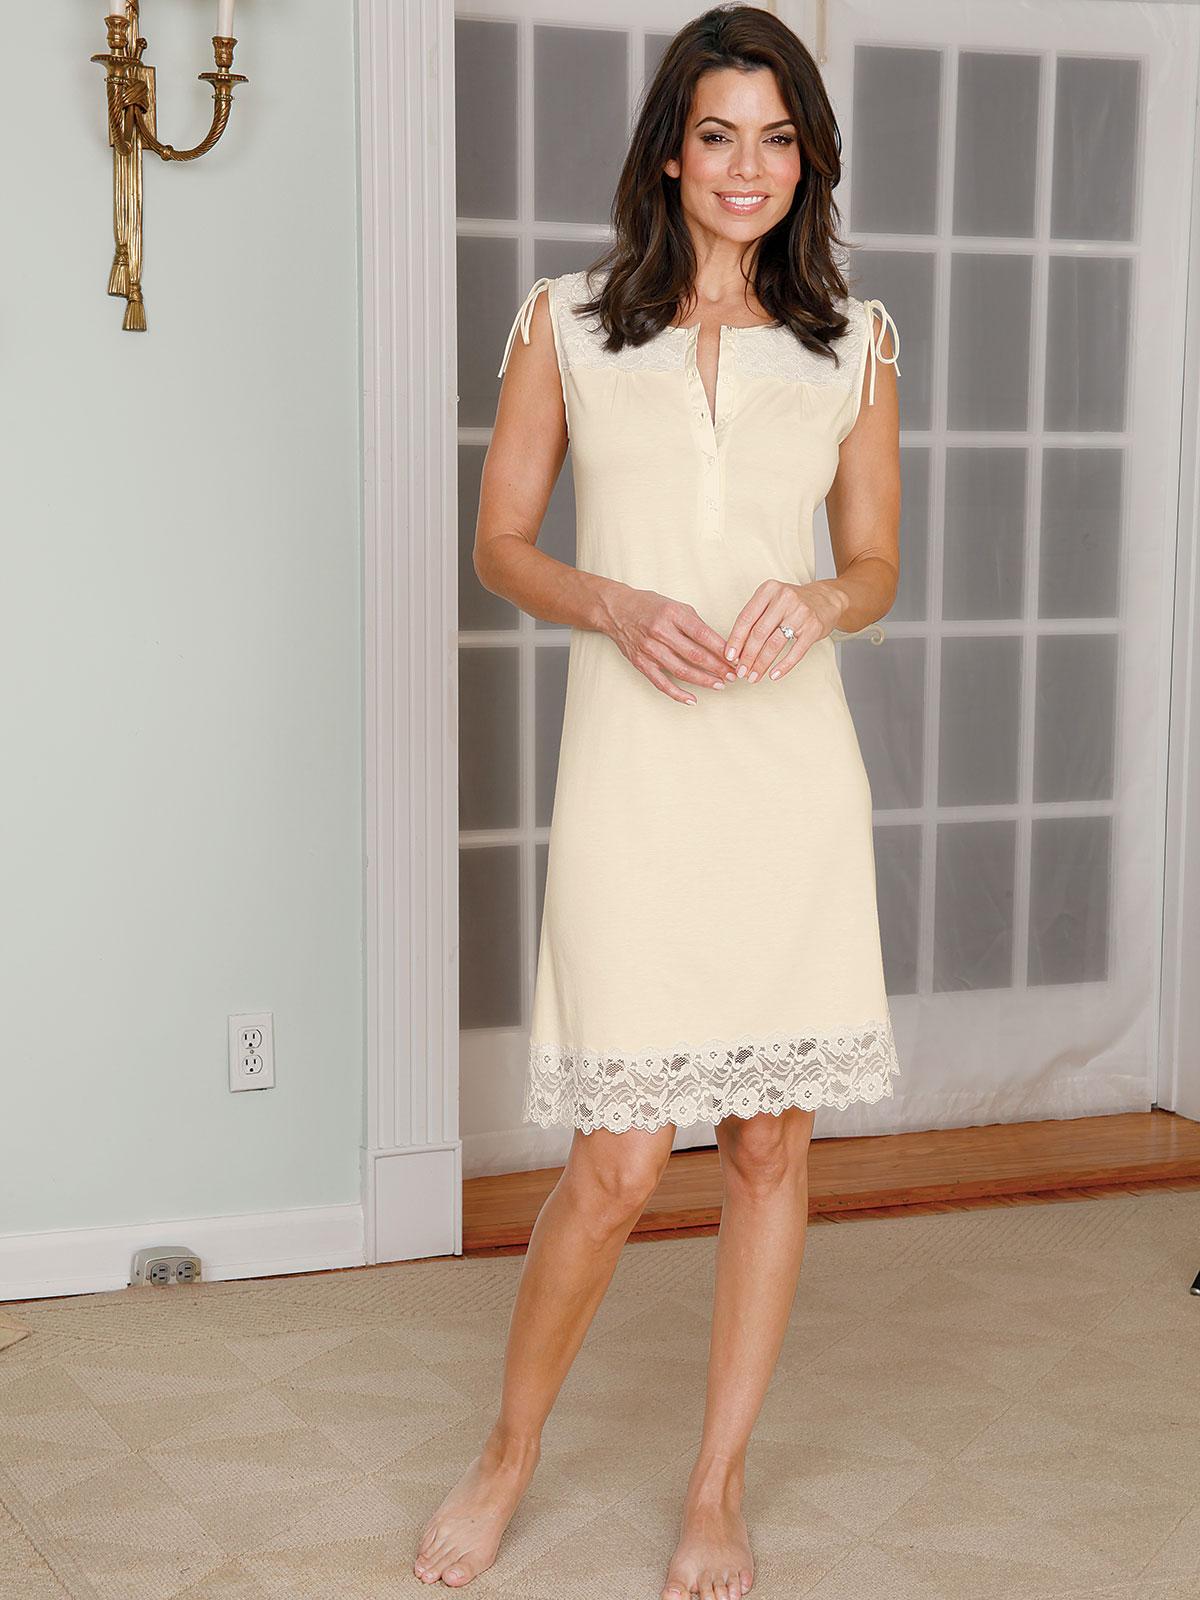 Victoria Luxury Nightwear Schweitzer Linen